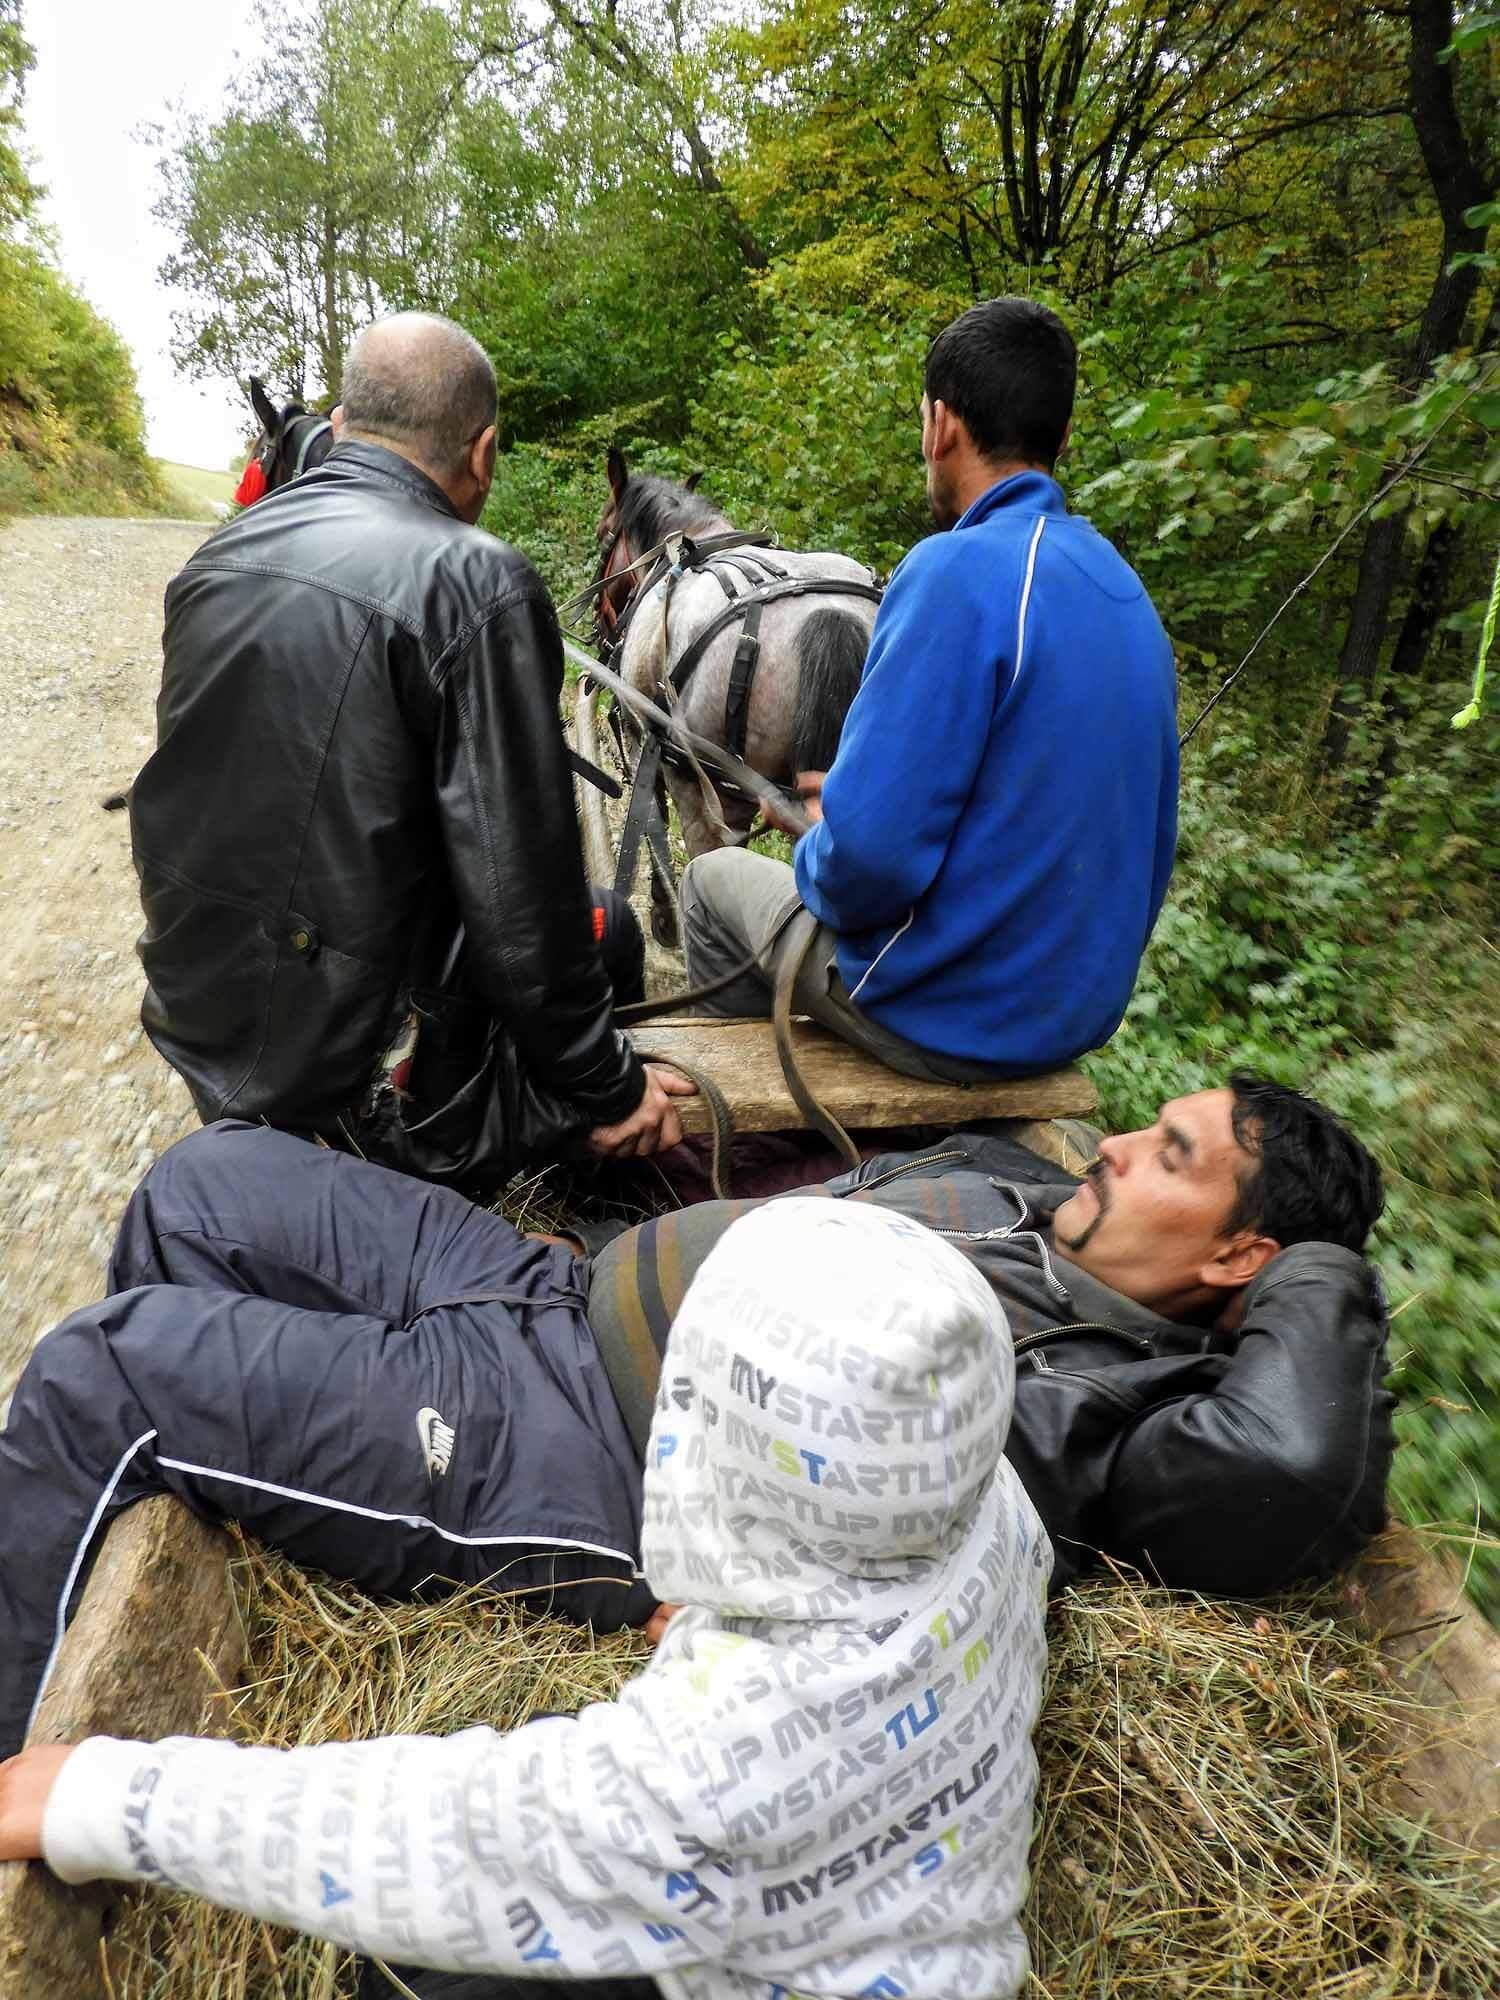 romania-hetea-kastalo-forest-gypsies-wagon-nap.jpg